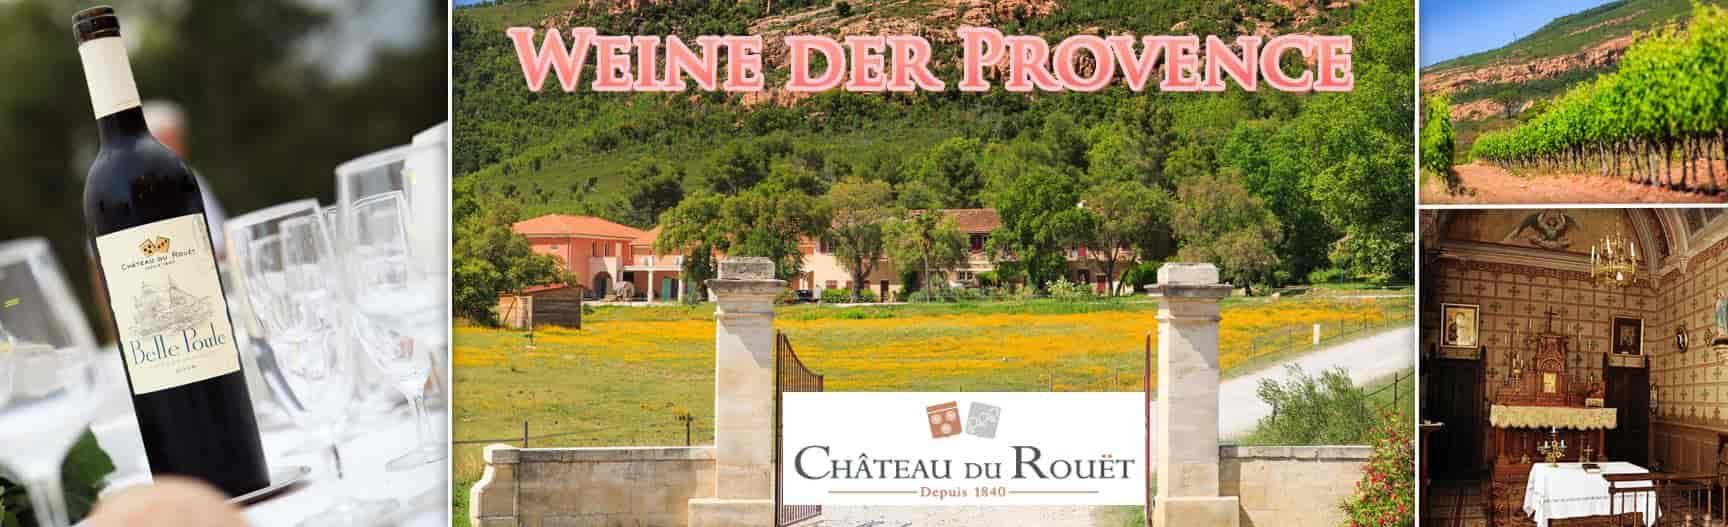 Chateau du Rouet Weine der Provence bei Importweine bestellen